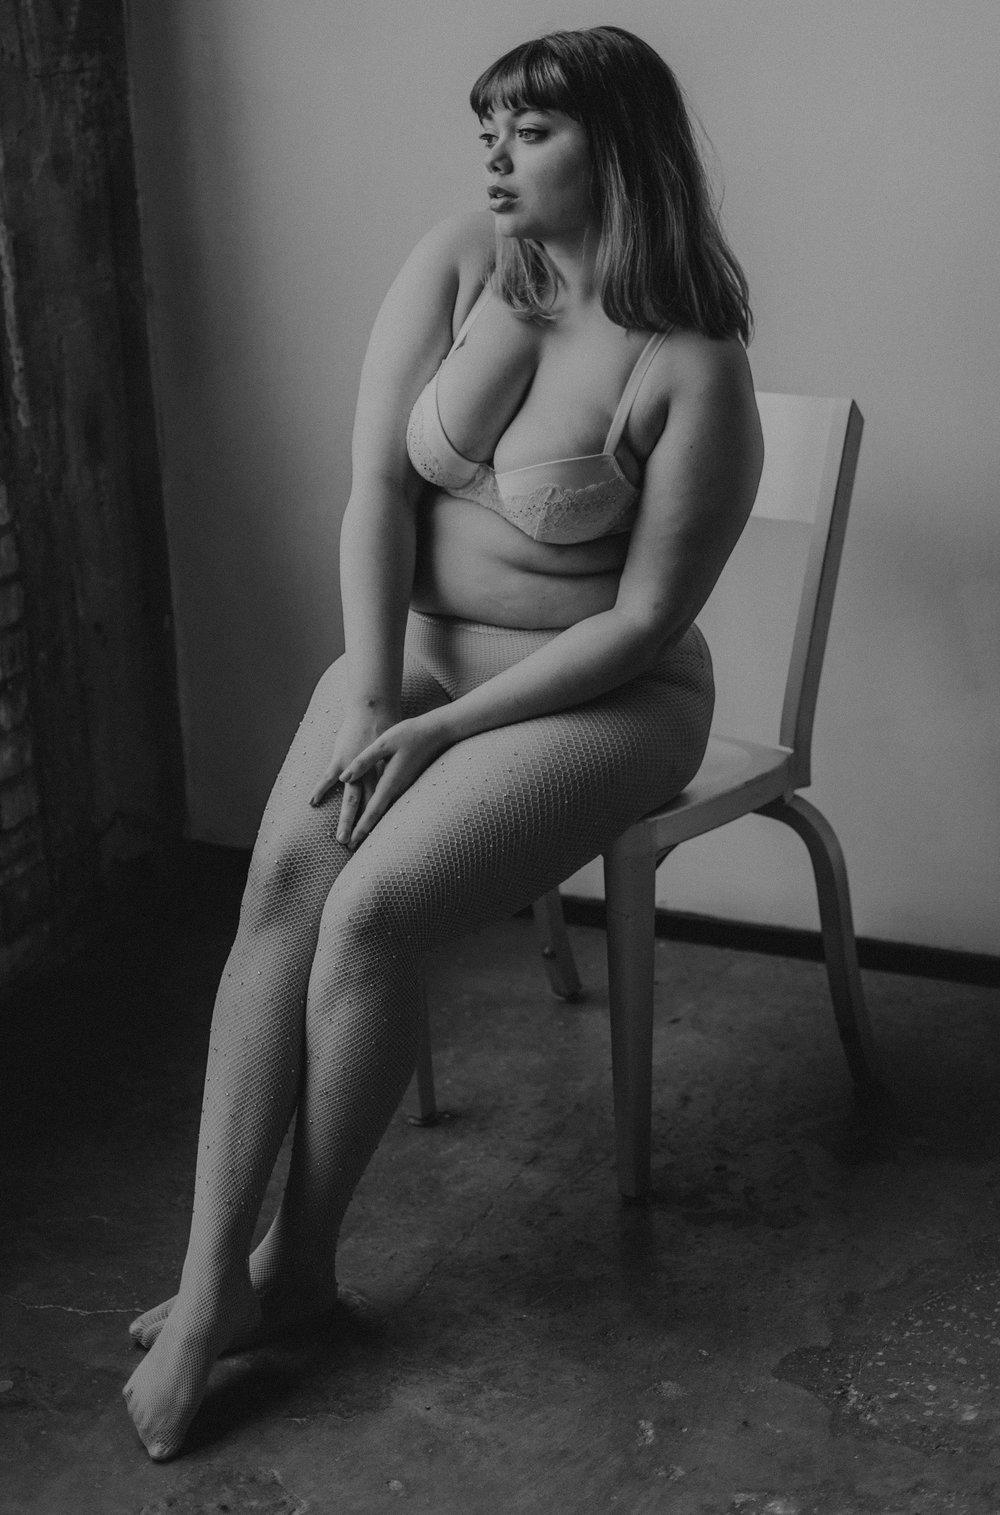 flesh and flora boudoir.dallas boudoir studio.jpg